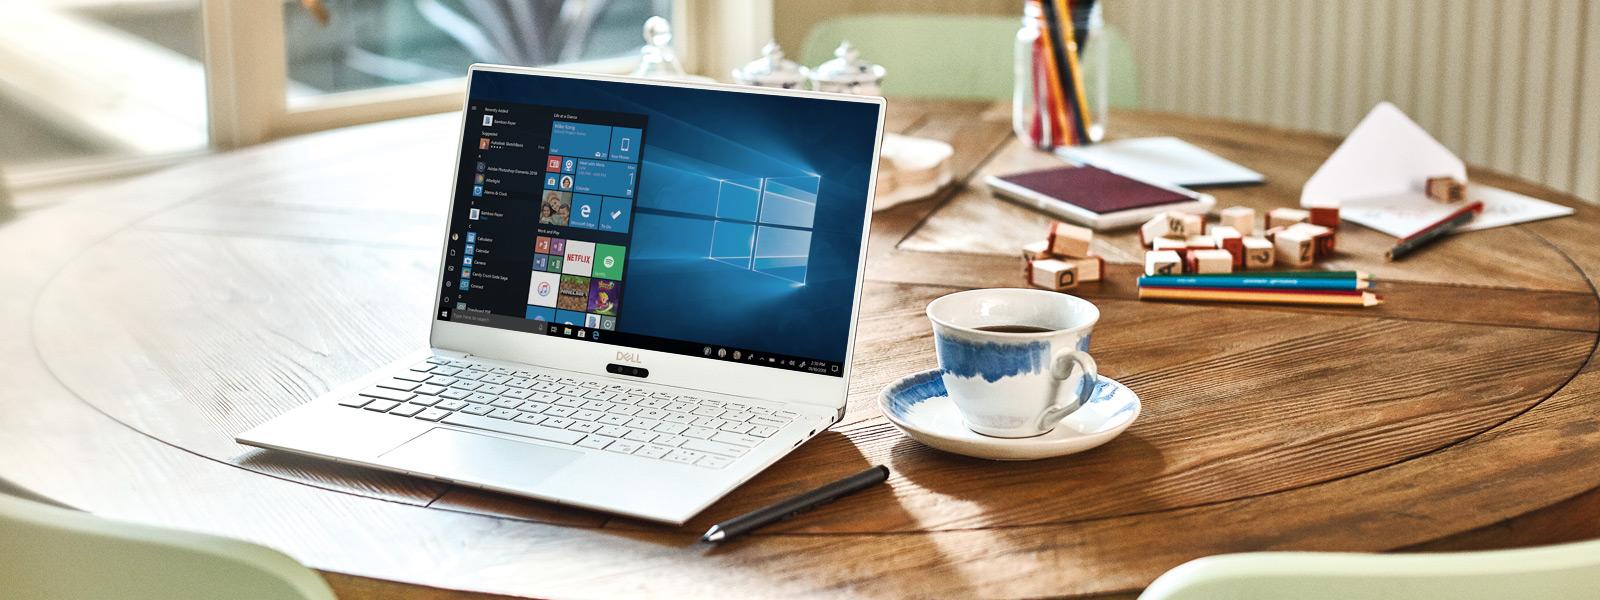 En Dell XPS 13 9370 öppnad på ett bord med Windows 10-startmenyn på skärmen.